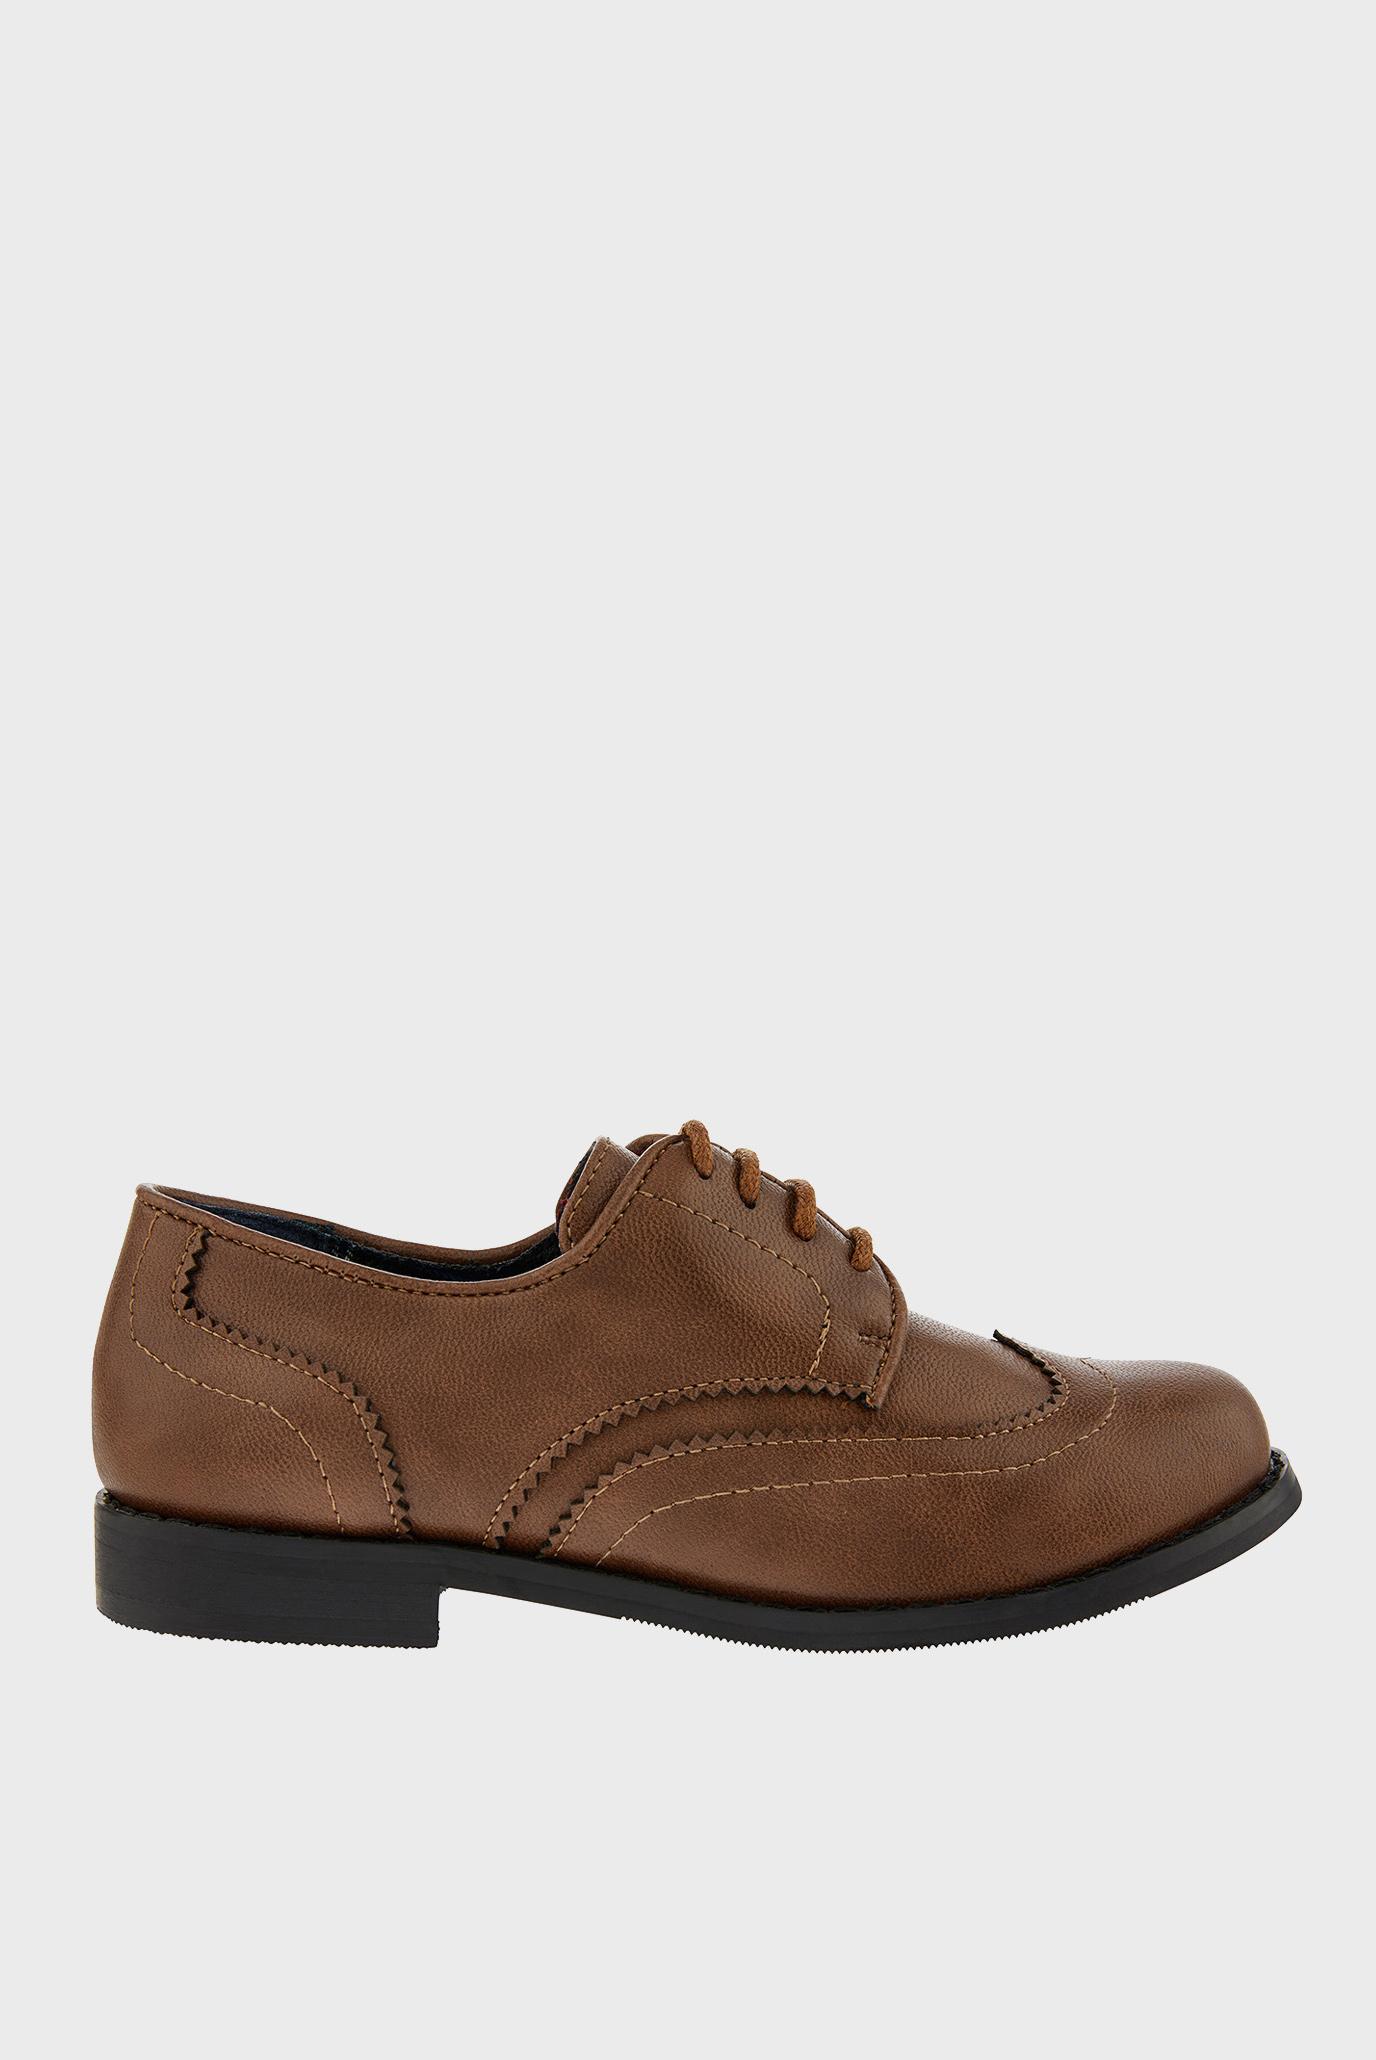 Детские коричневые туфли BOY BROGUE 1